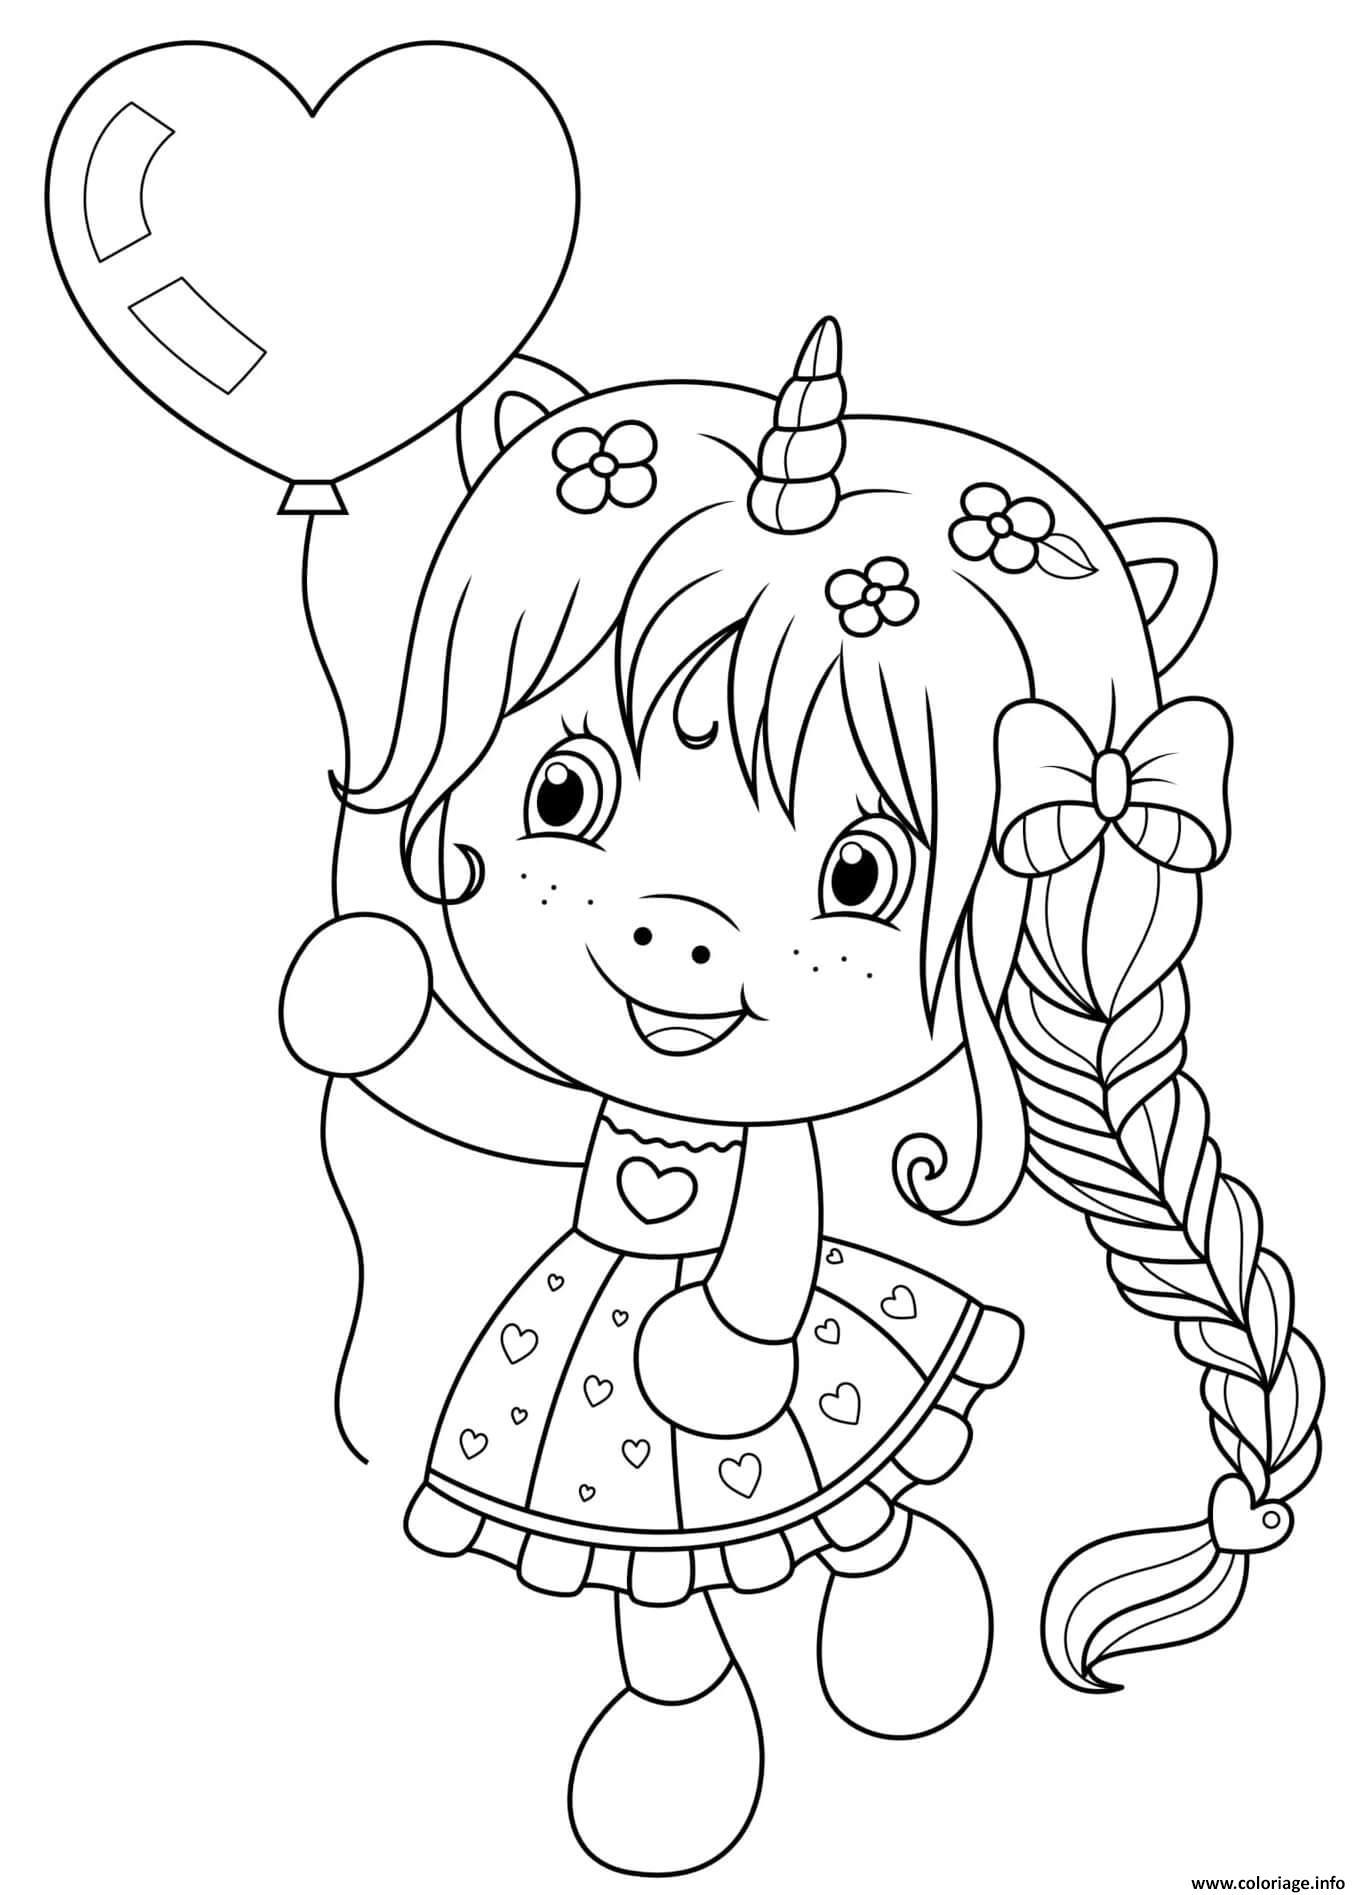 Dessin cartoon fille licorne avec ballon en coeur pour la st valentin Coloriage Gratuit à Imprimer